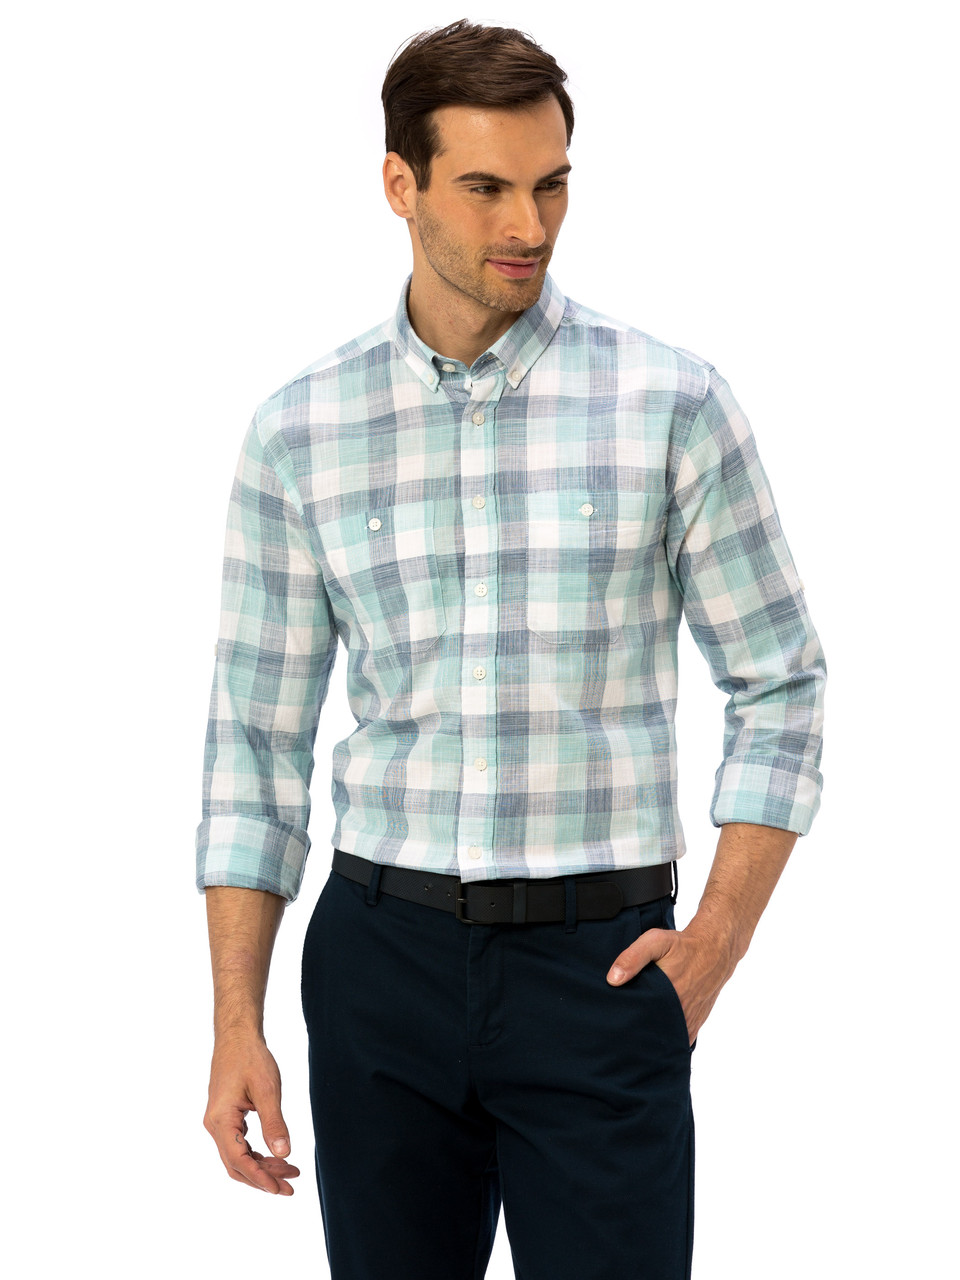 Белая мужская рубашка LC Waikiki / ЛС Вайкики в зеленую и синюю клетку